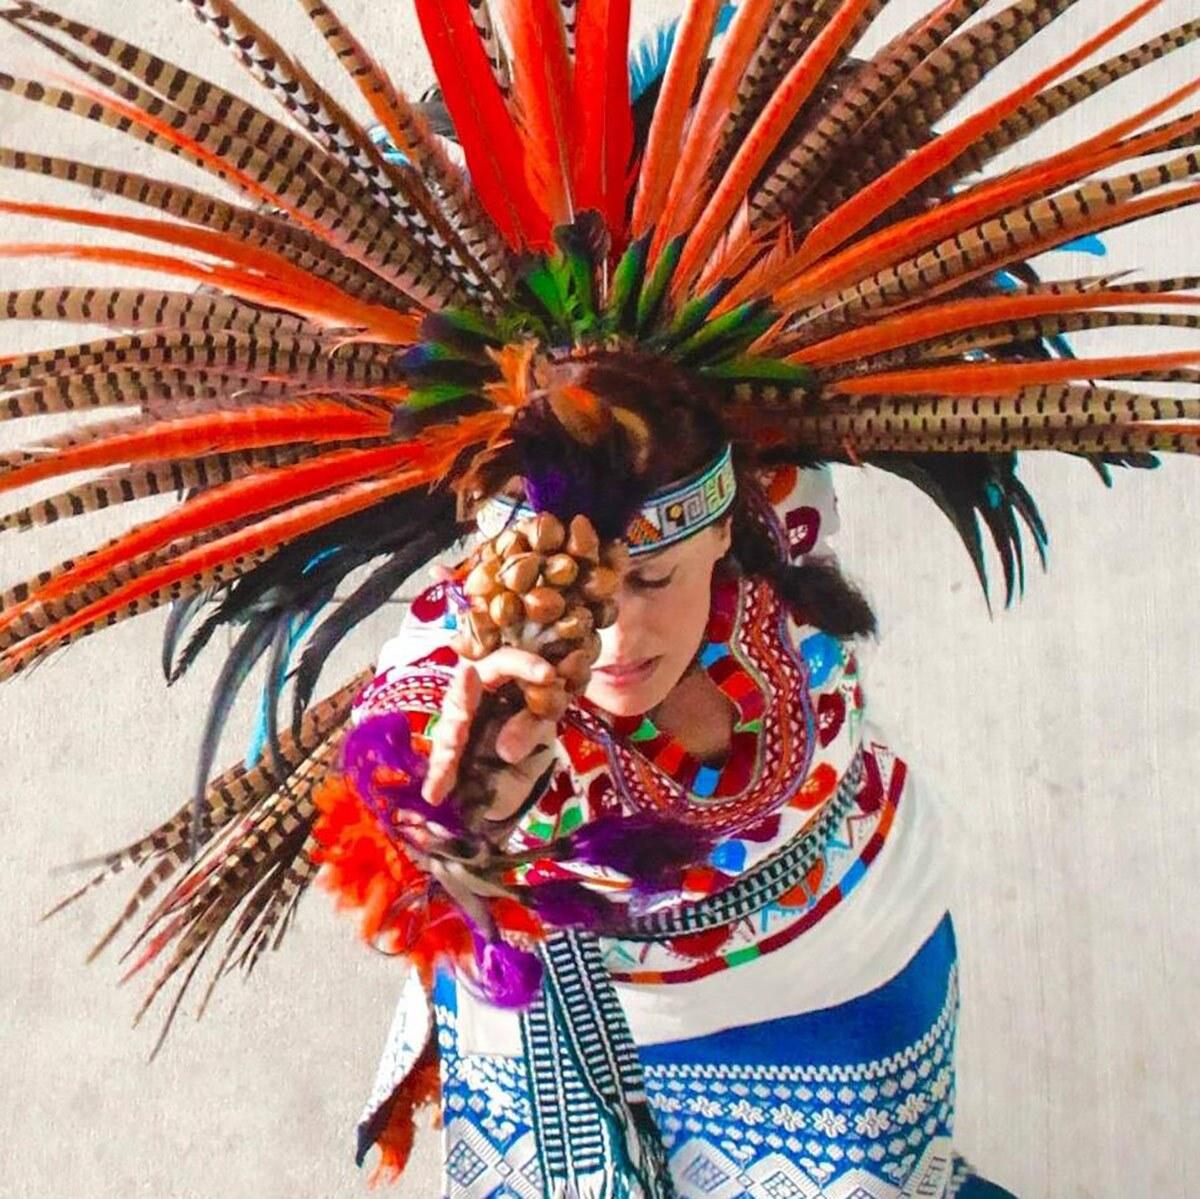 Veronica Valadez dances | Courtesy of Veronica Valadez